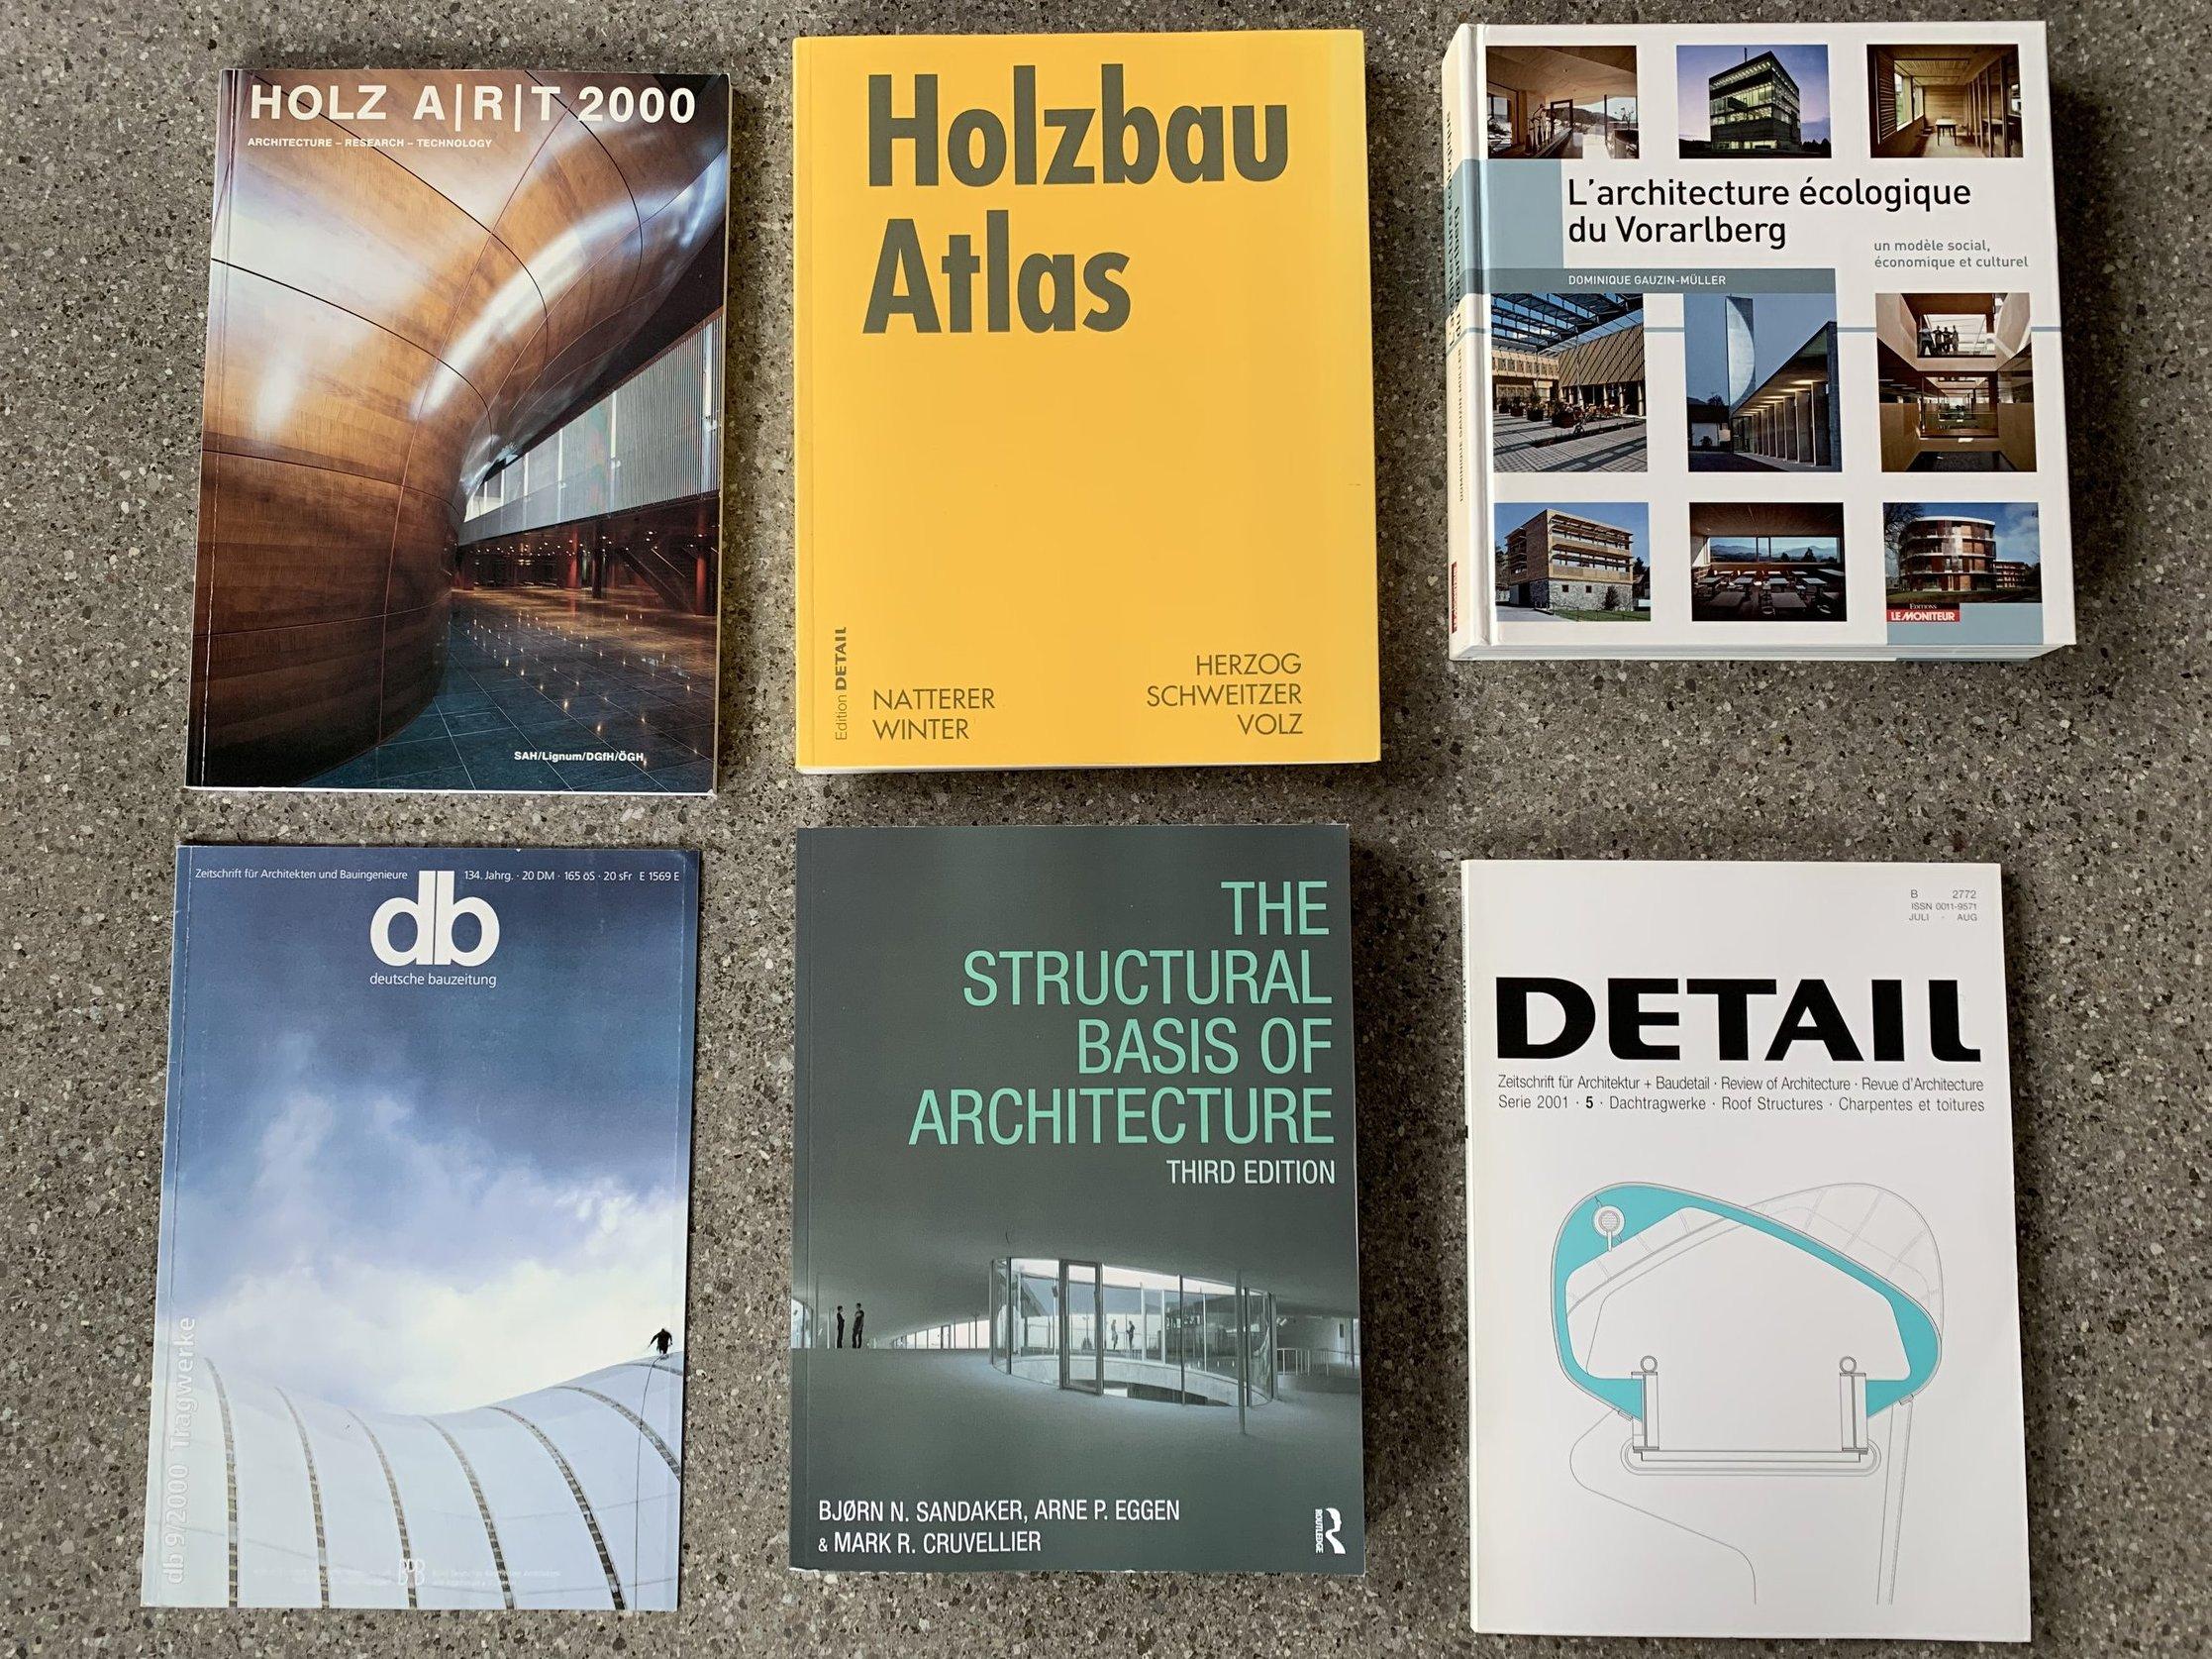 db deutsche bauzeitung 9/2000, Detail 5/2001 (D), HOLZ A/R/T, April 2000 (CH), Holzbau Atlas, Edition Detail 2003, L´architecture écologique du Vorarlberg , 2009, The structural basis of architecture, 2011 (GB/USA)